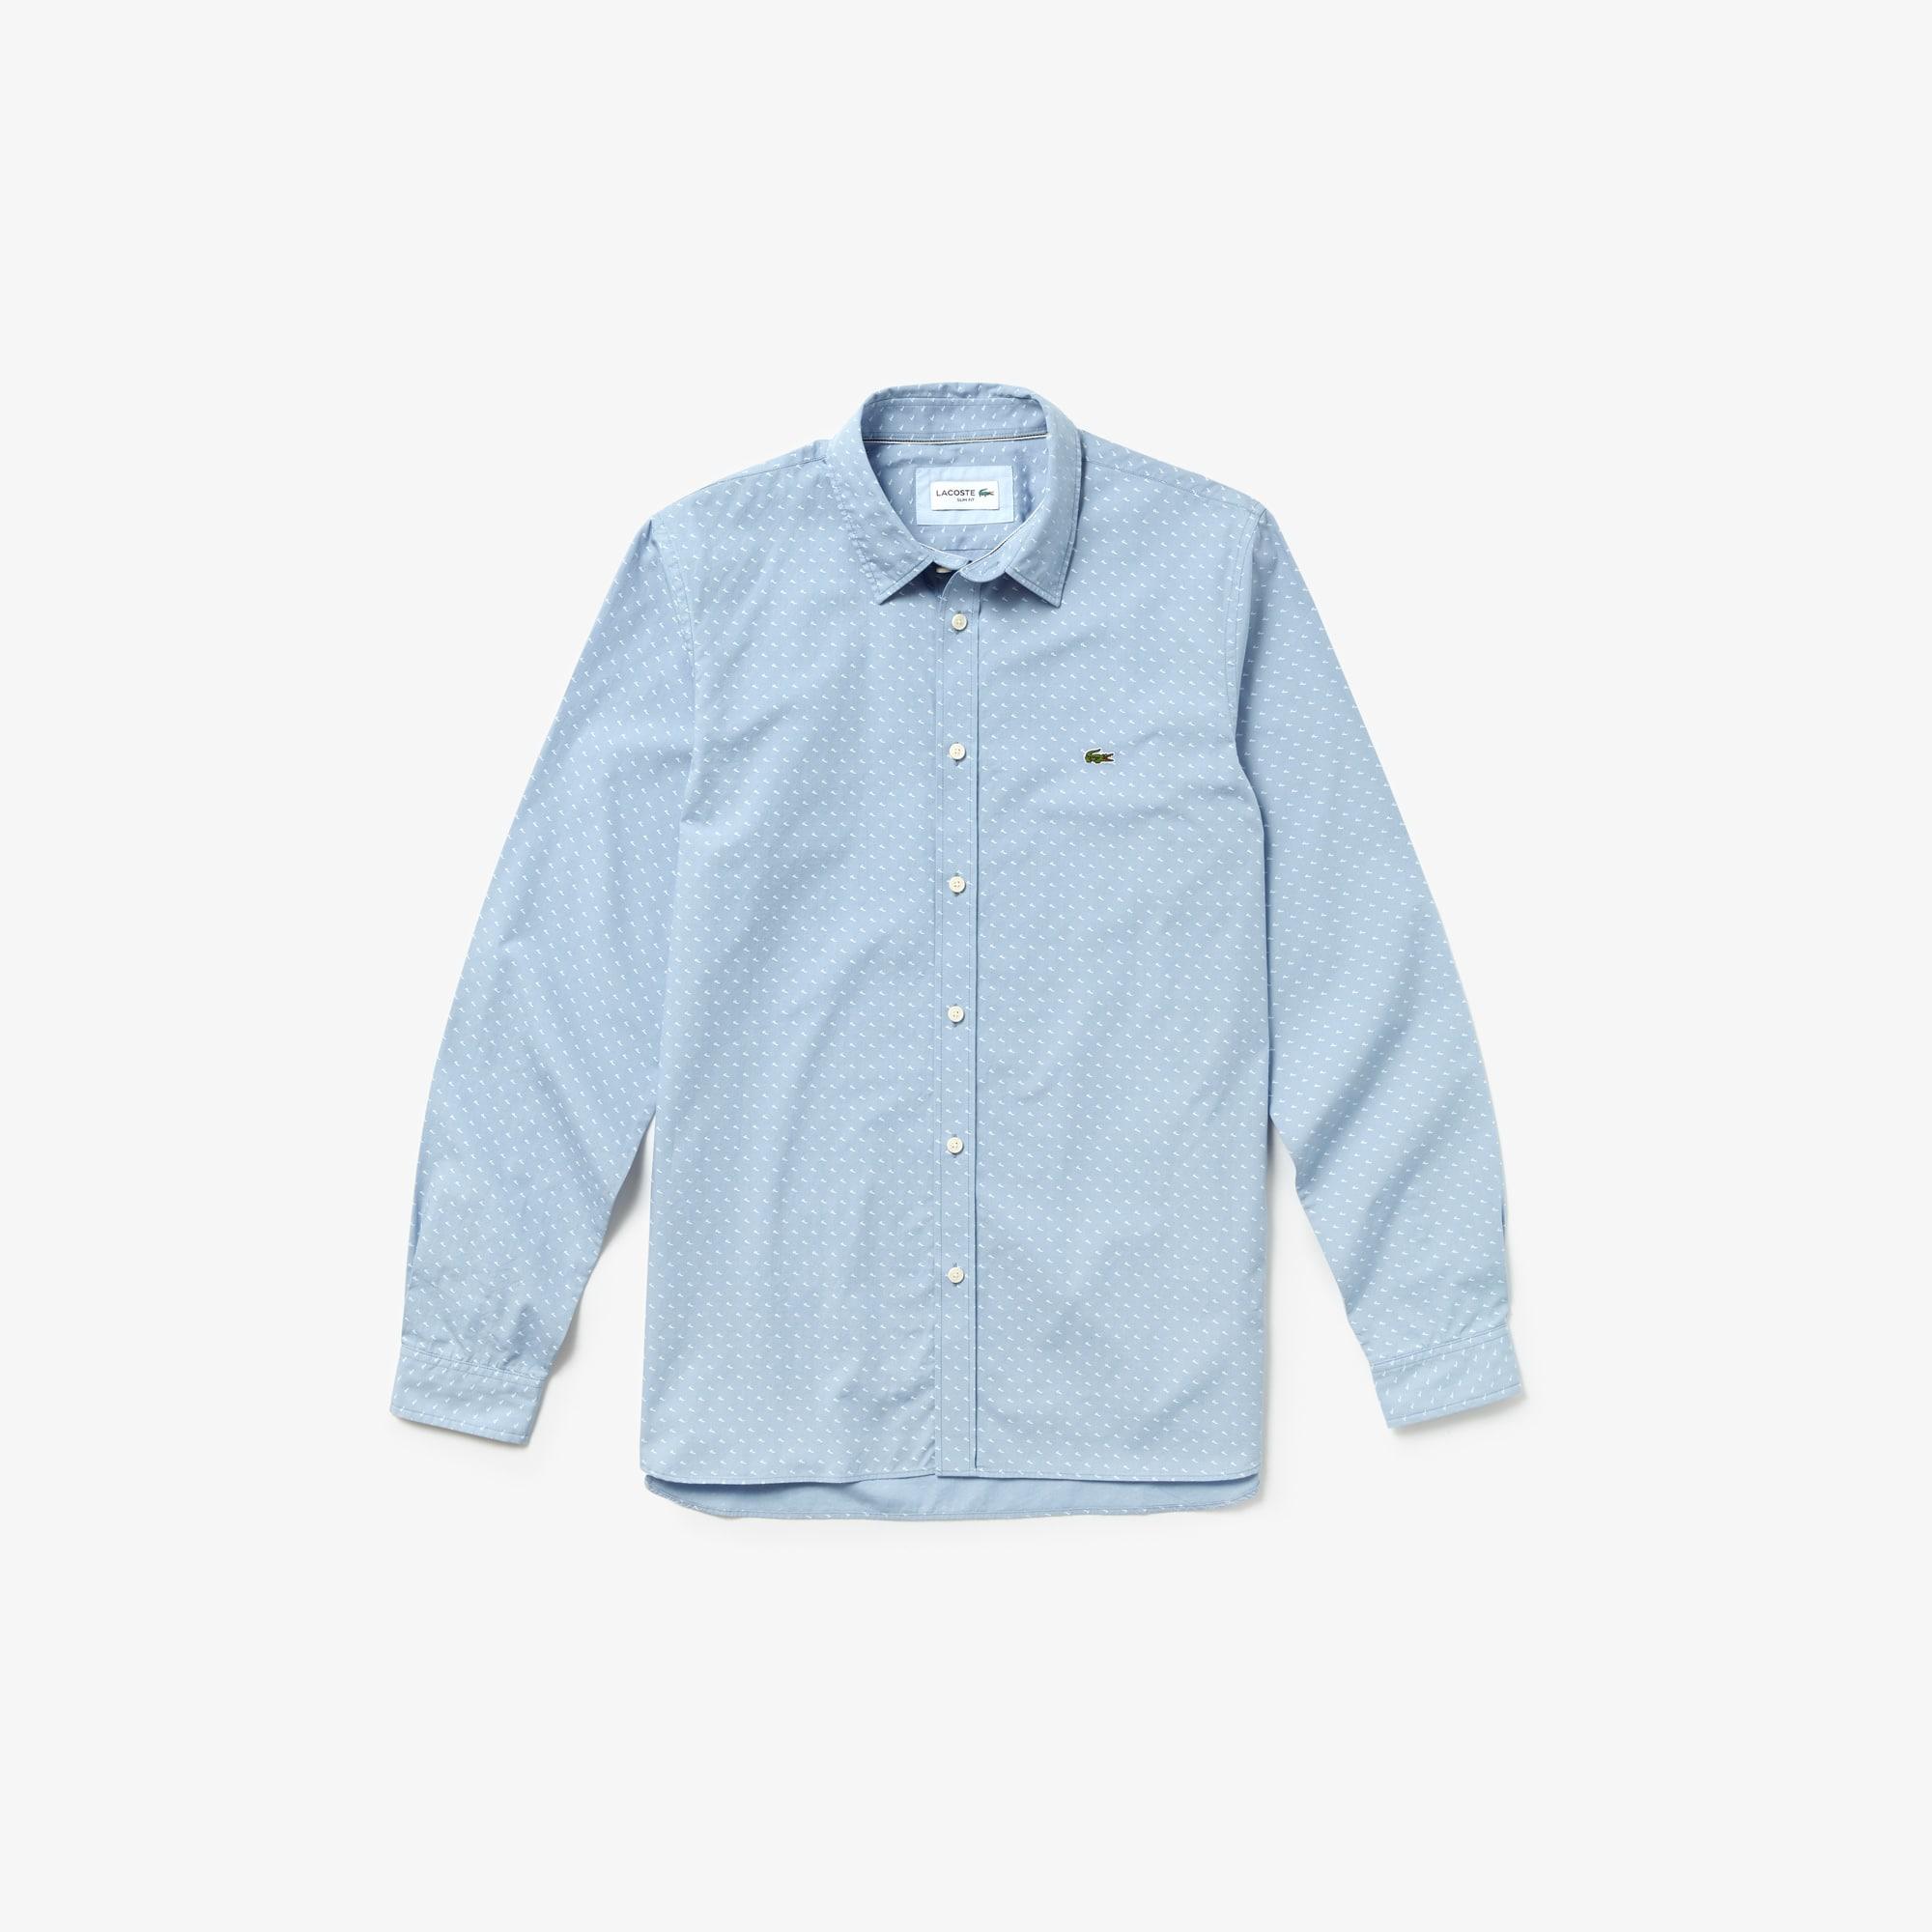 41d7047a8a Vêtements Vêtements Chemises Lacoste Chemises Homme Chemises Vêtements  Vêtements Lacoste Homme Lacoste Homme Chemises Homme FxwH4wqC1